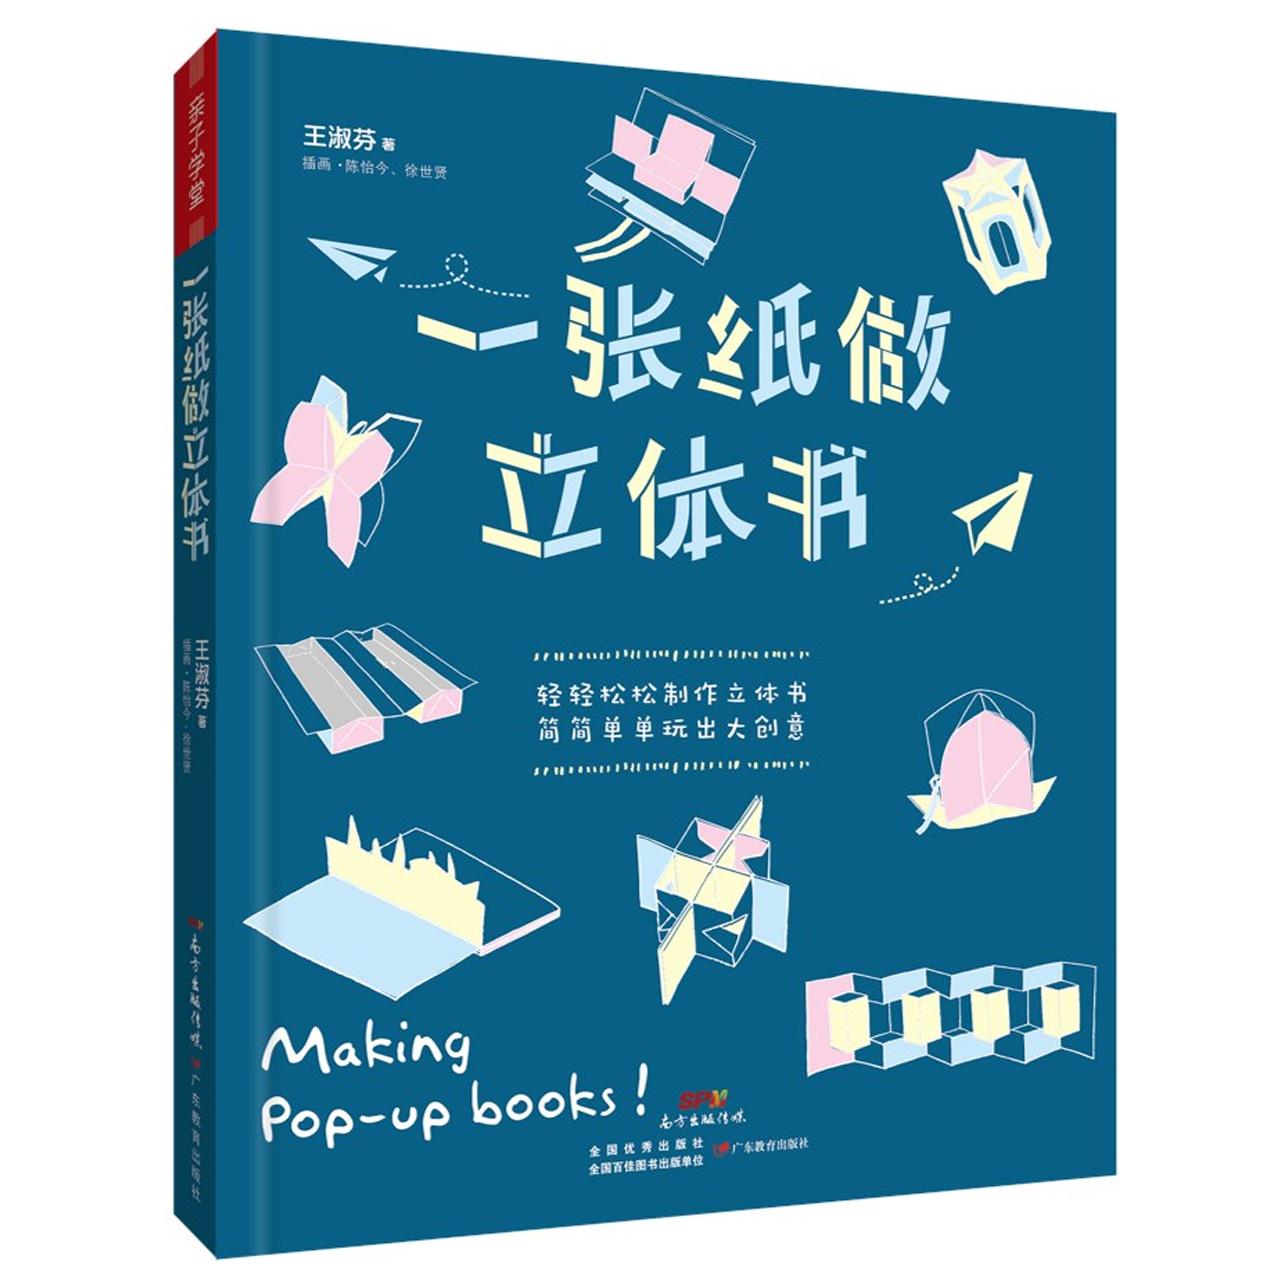 一张纸做立体书【儿童文学/艺术美劳/DIY劳作】